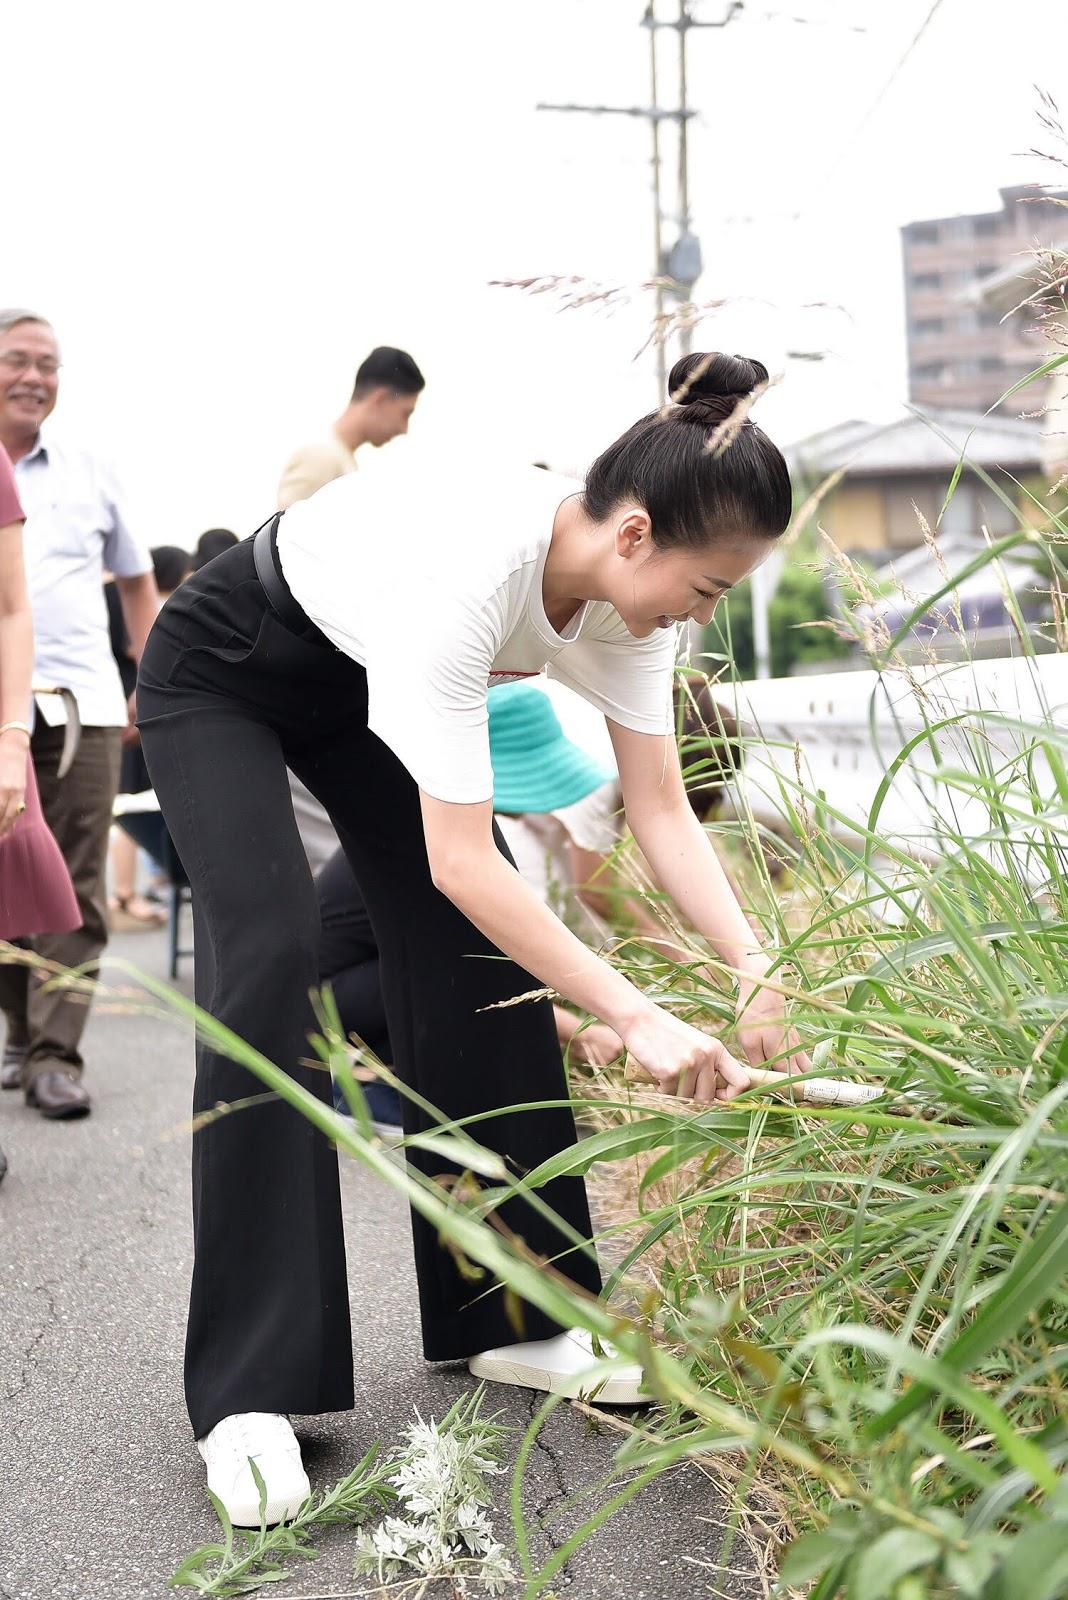 Hoa hậu Phương Khánh mặc giản dị đi nhổ cỏ, nhặt rác ở Nhật Bản - Hình 1